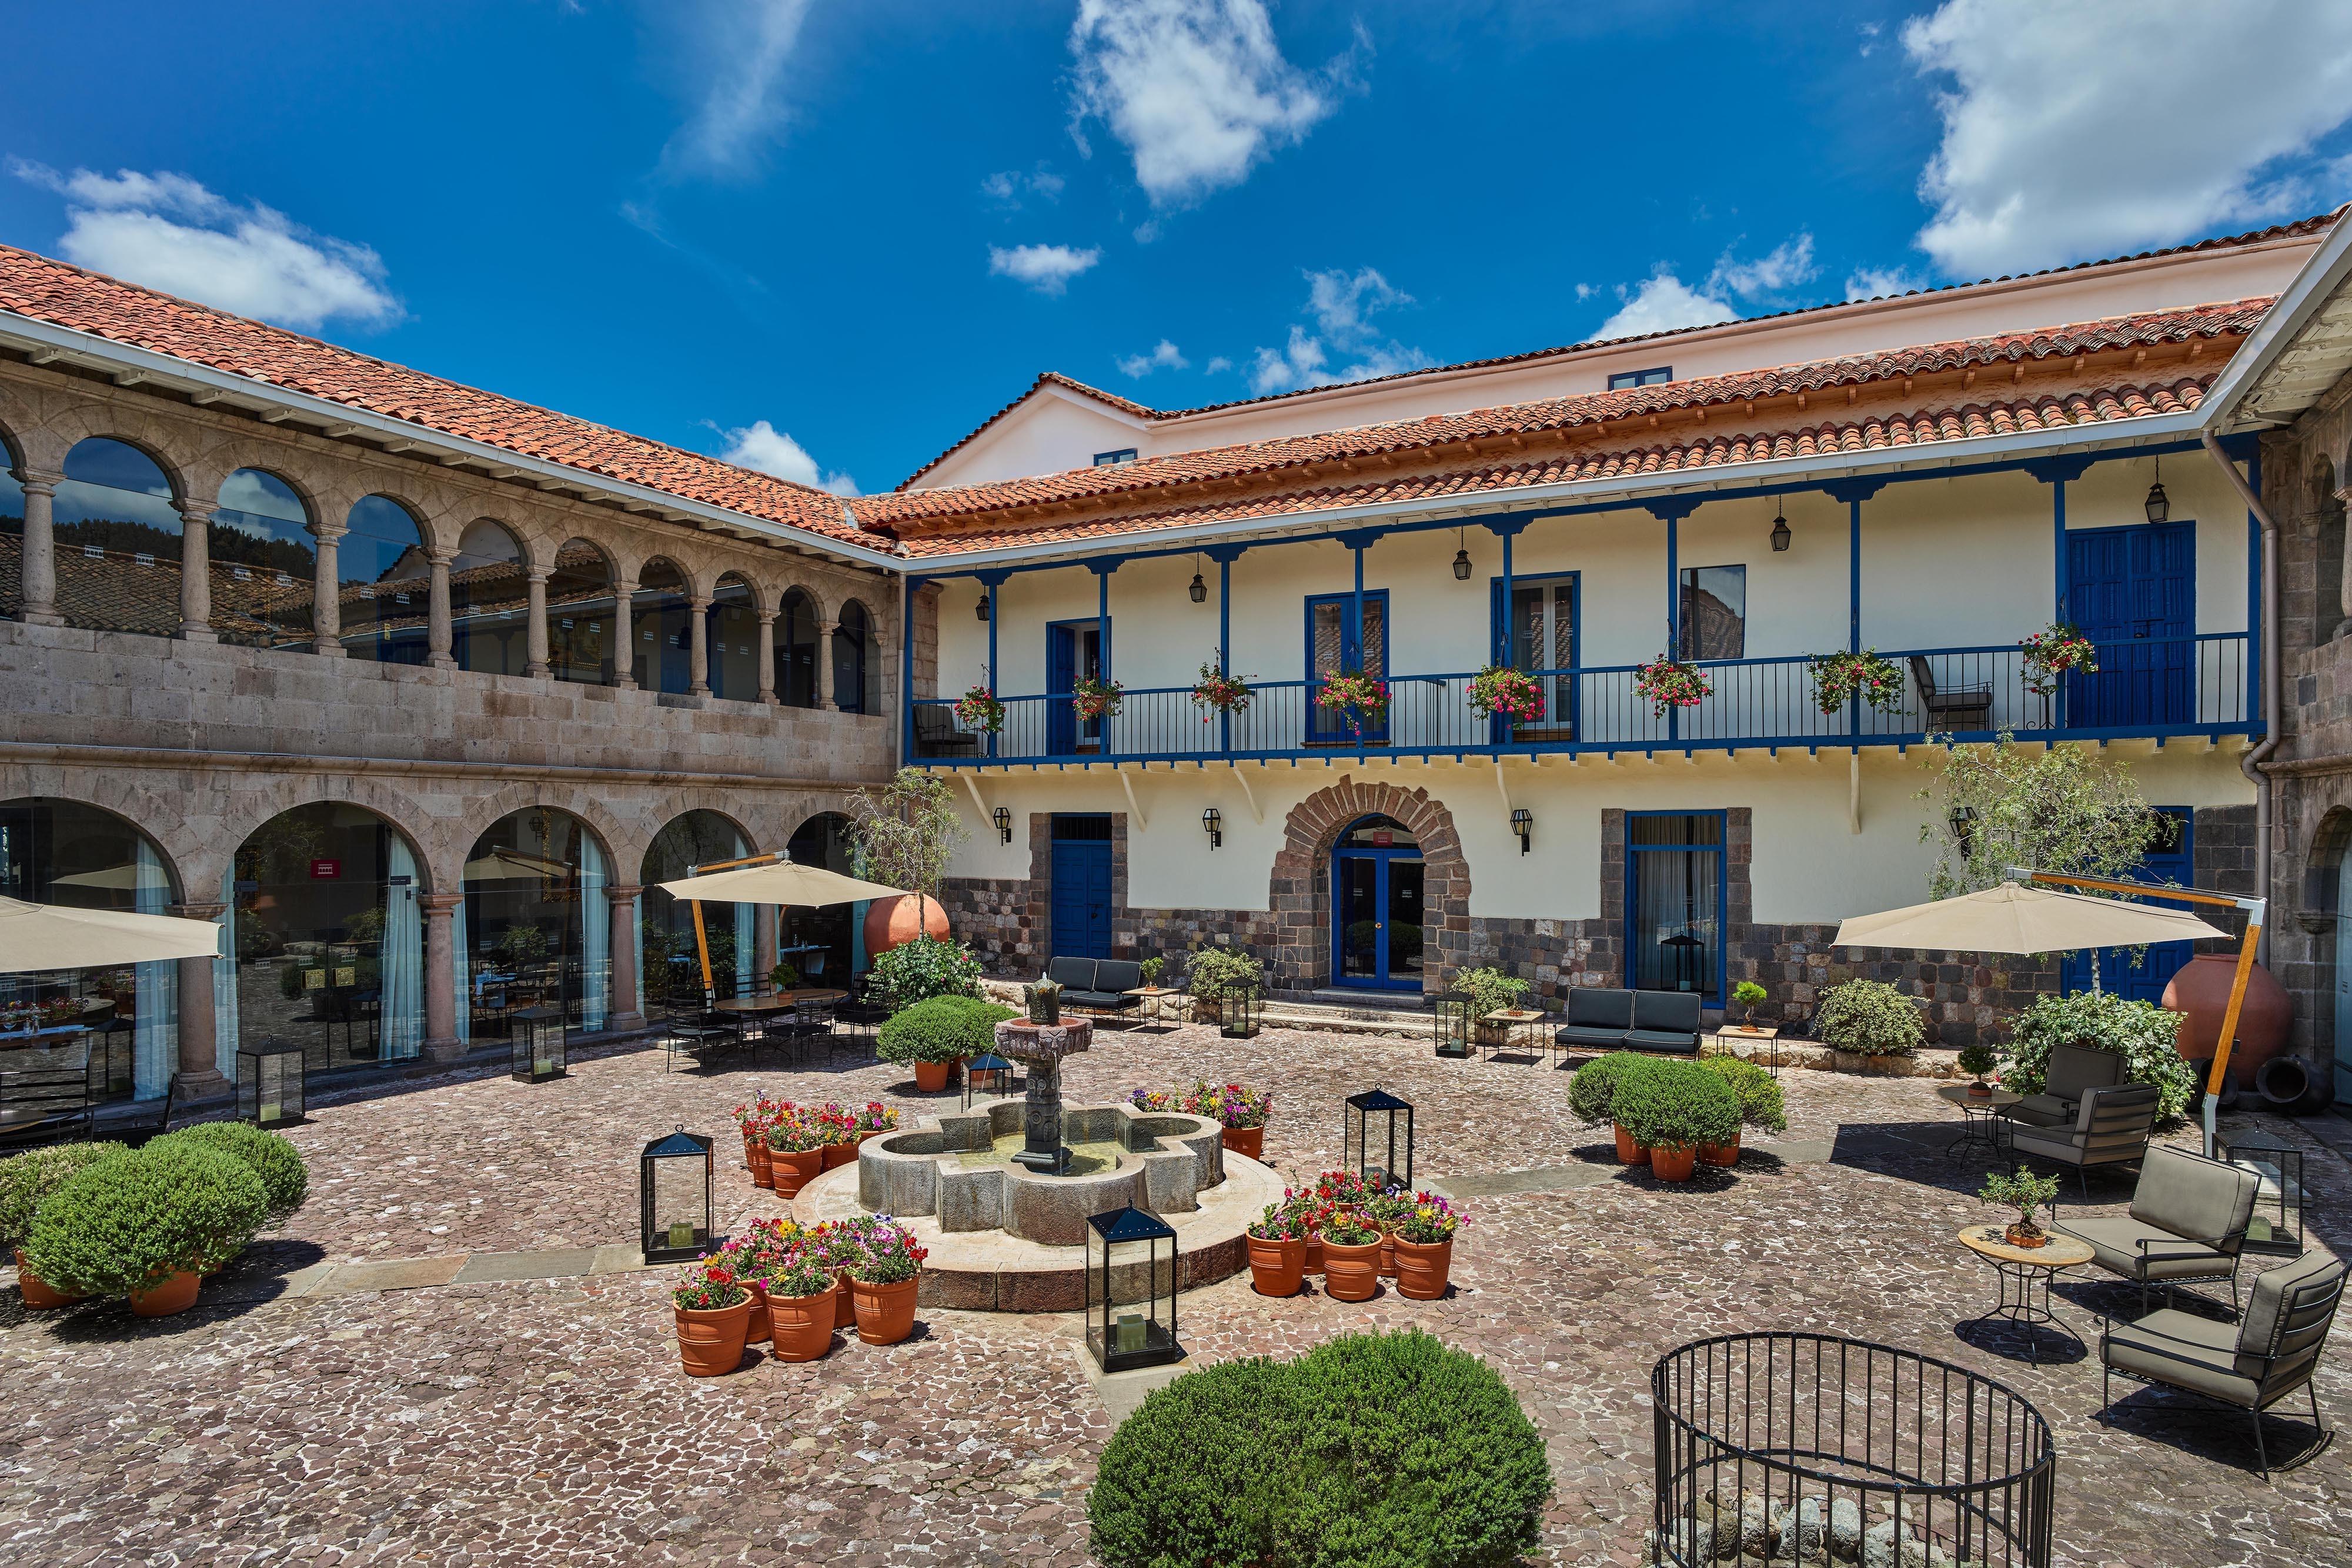 Palacio Courtyard